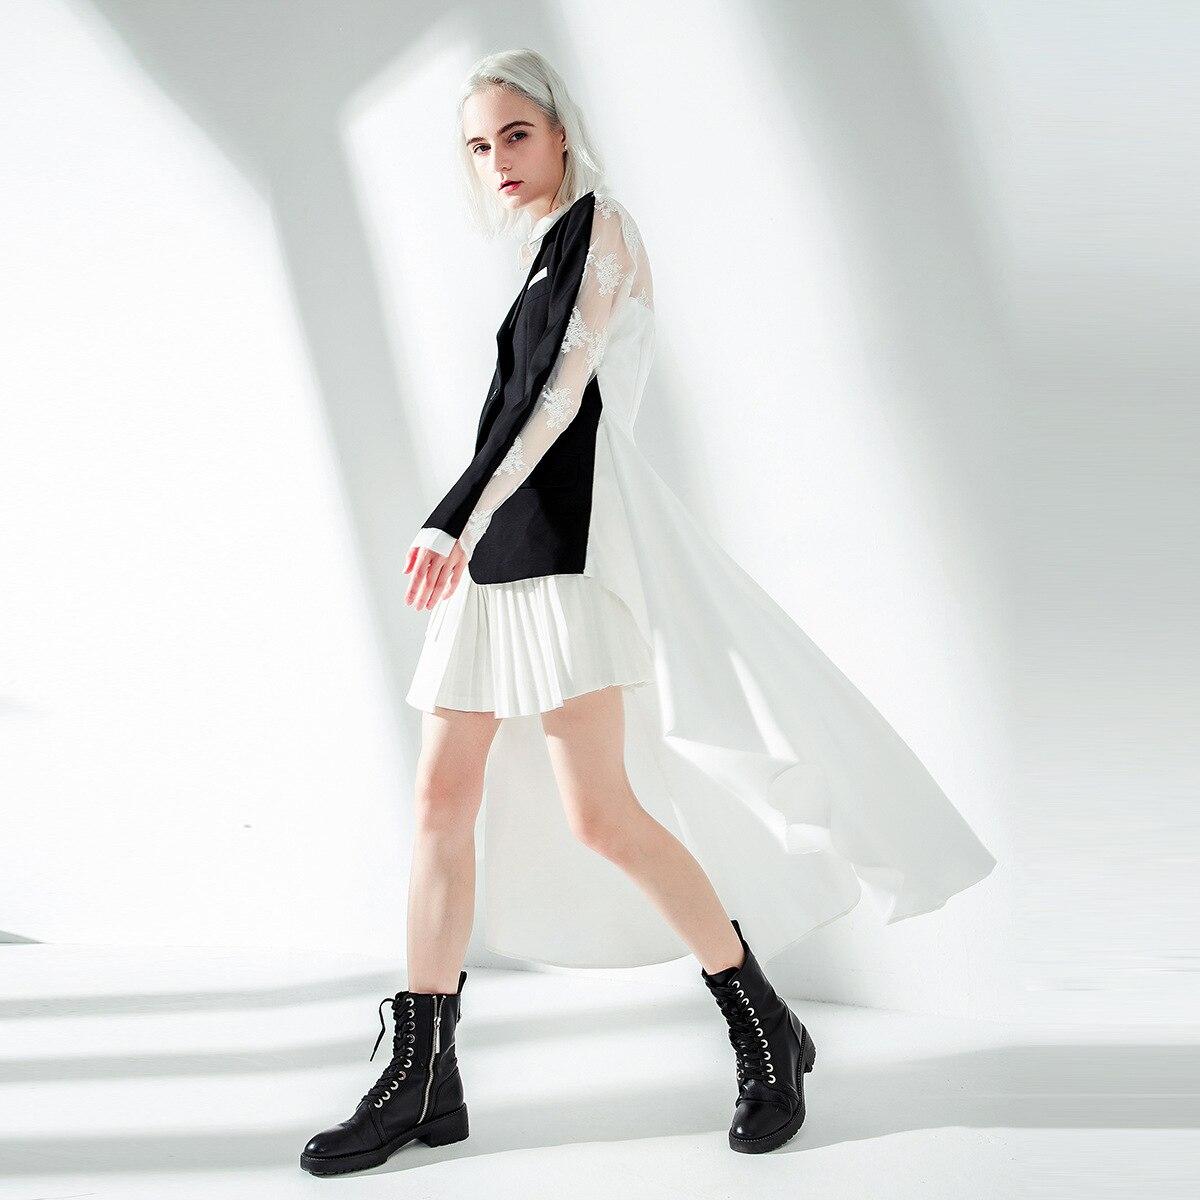 SuperAen Europe mode femmes costume veste asymétrique printemps et automne nouvelle veste femme 2019 faux deux pièces femmes vêtements-in Vestes de base from Mode Femme et Accessoires    3